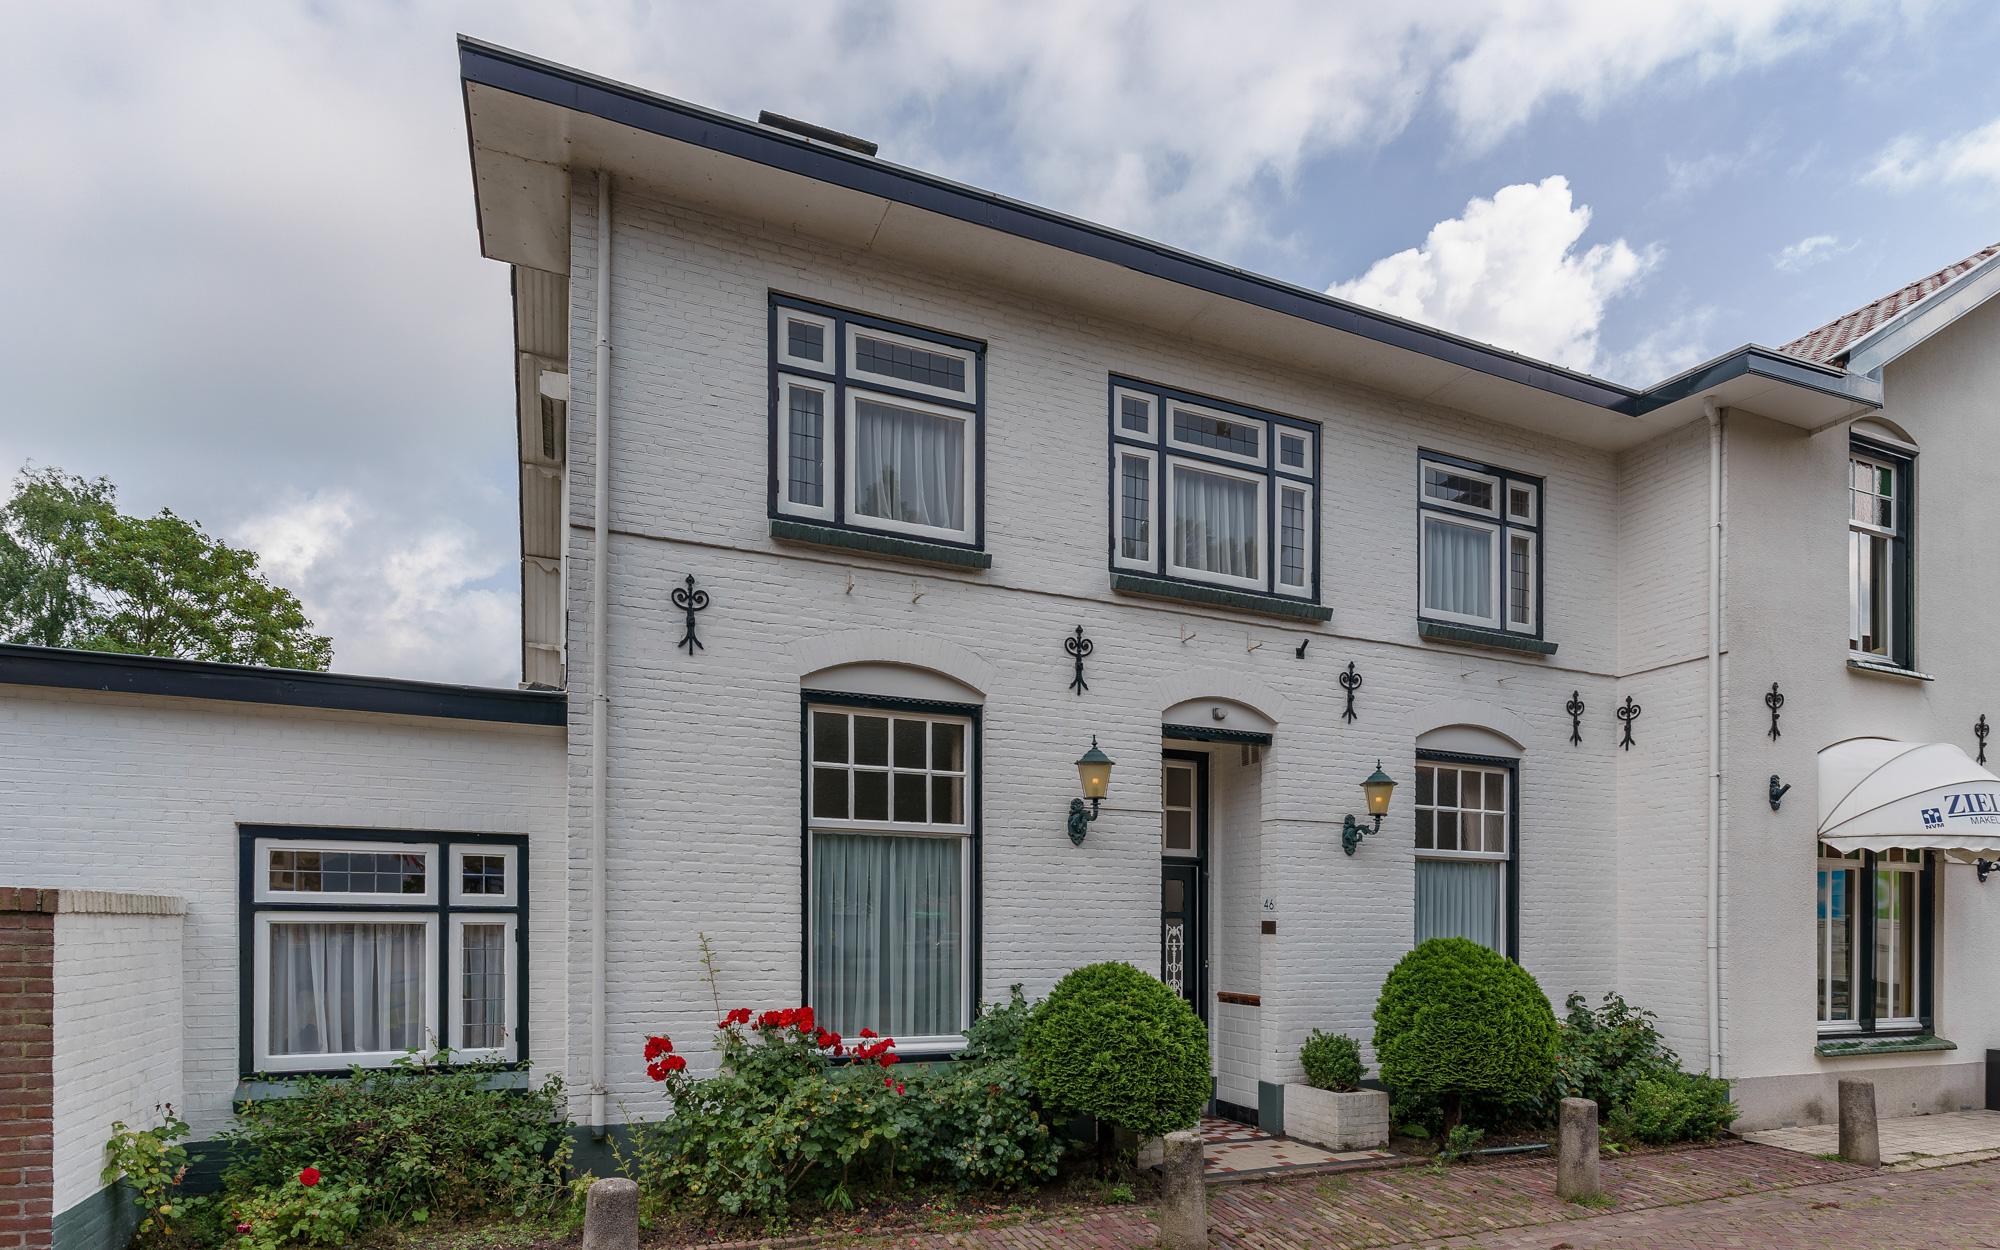 Dorpsstraat 46 in Putten, 3881 BE